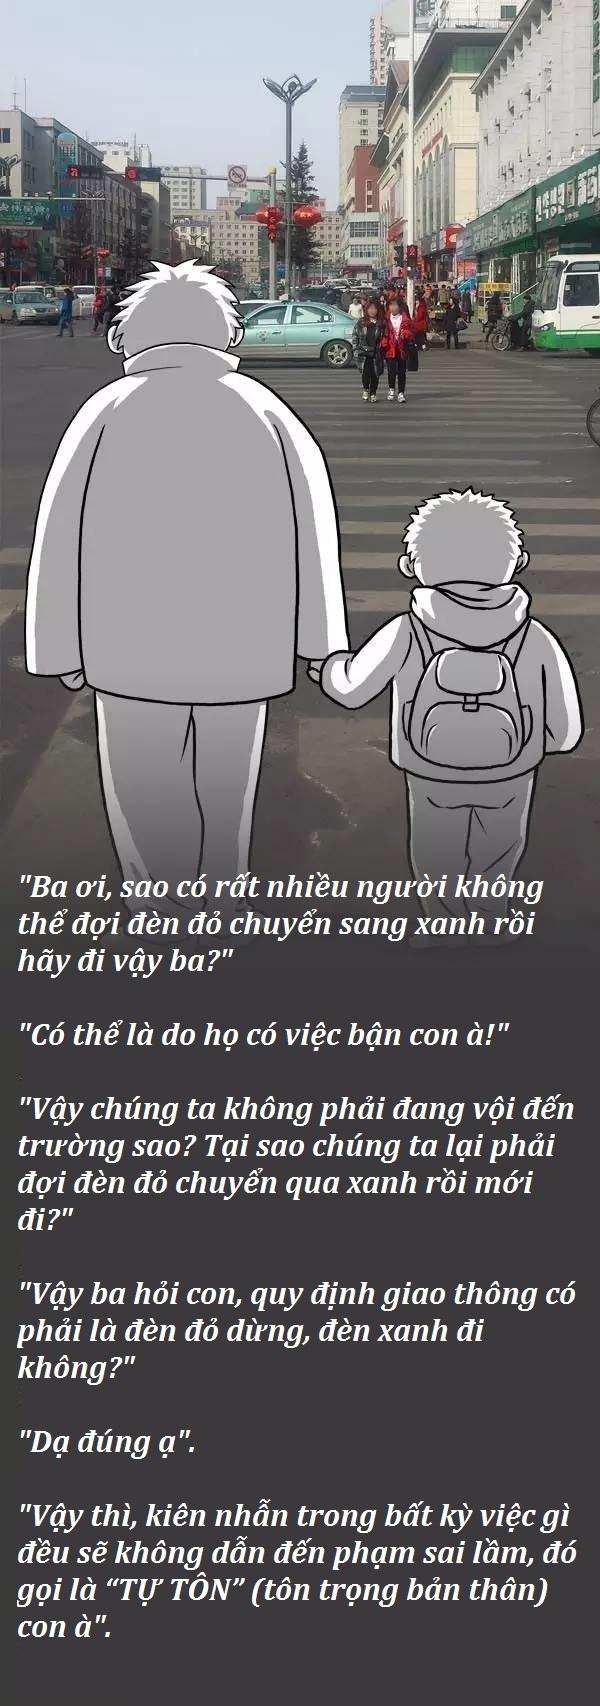 Đối đáp giữa cha và con: Những bài học vỡ lòng hữu ích cho trẻ.1